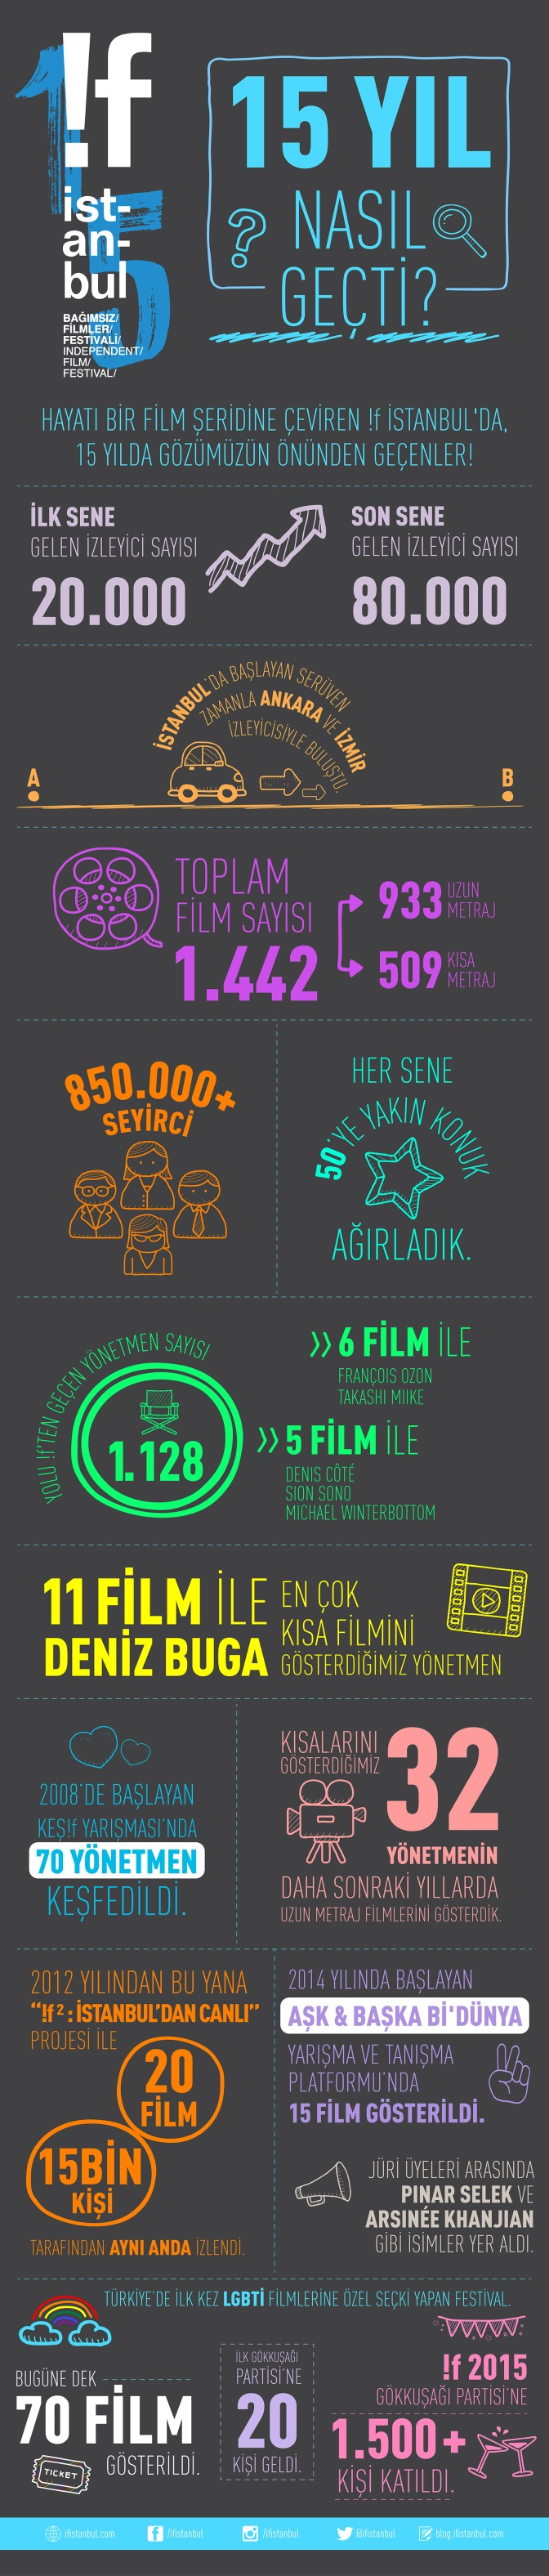 !f İstanbul'un 15 yılı nasıl geçti?